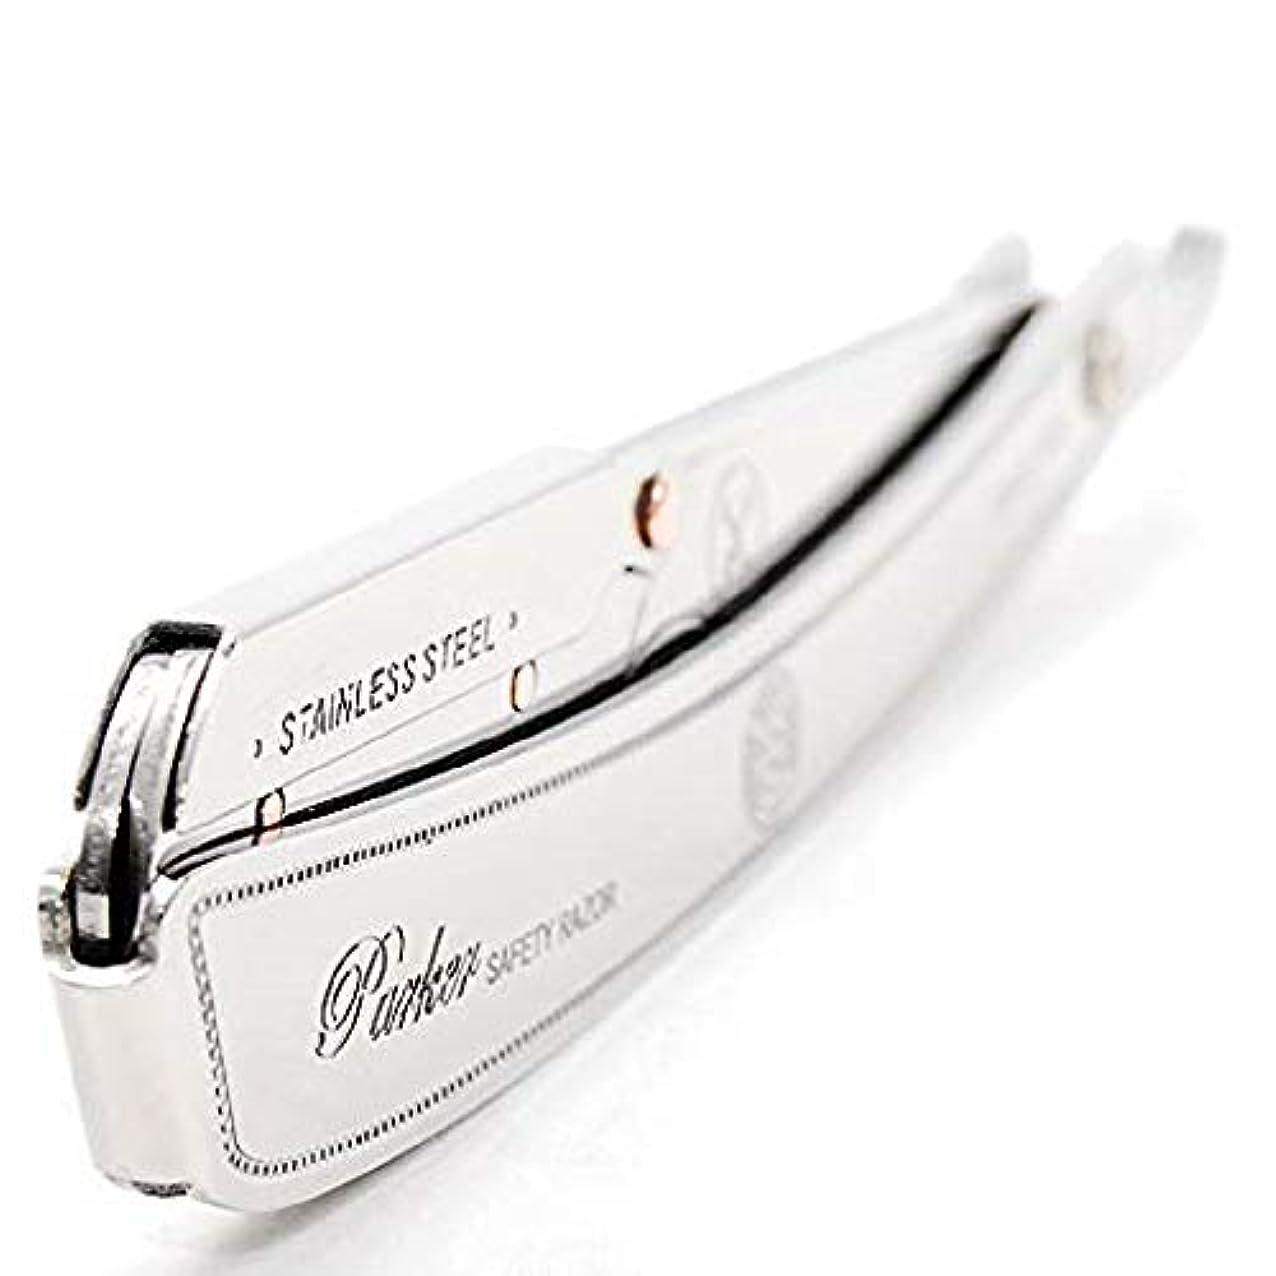 展開する遅れ最少パーカー(Parker) SRX 剃刀 プロ用 替刃100枚、セーフティ替刃ゴミ箱の3点セット [並行輸入品]